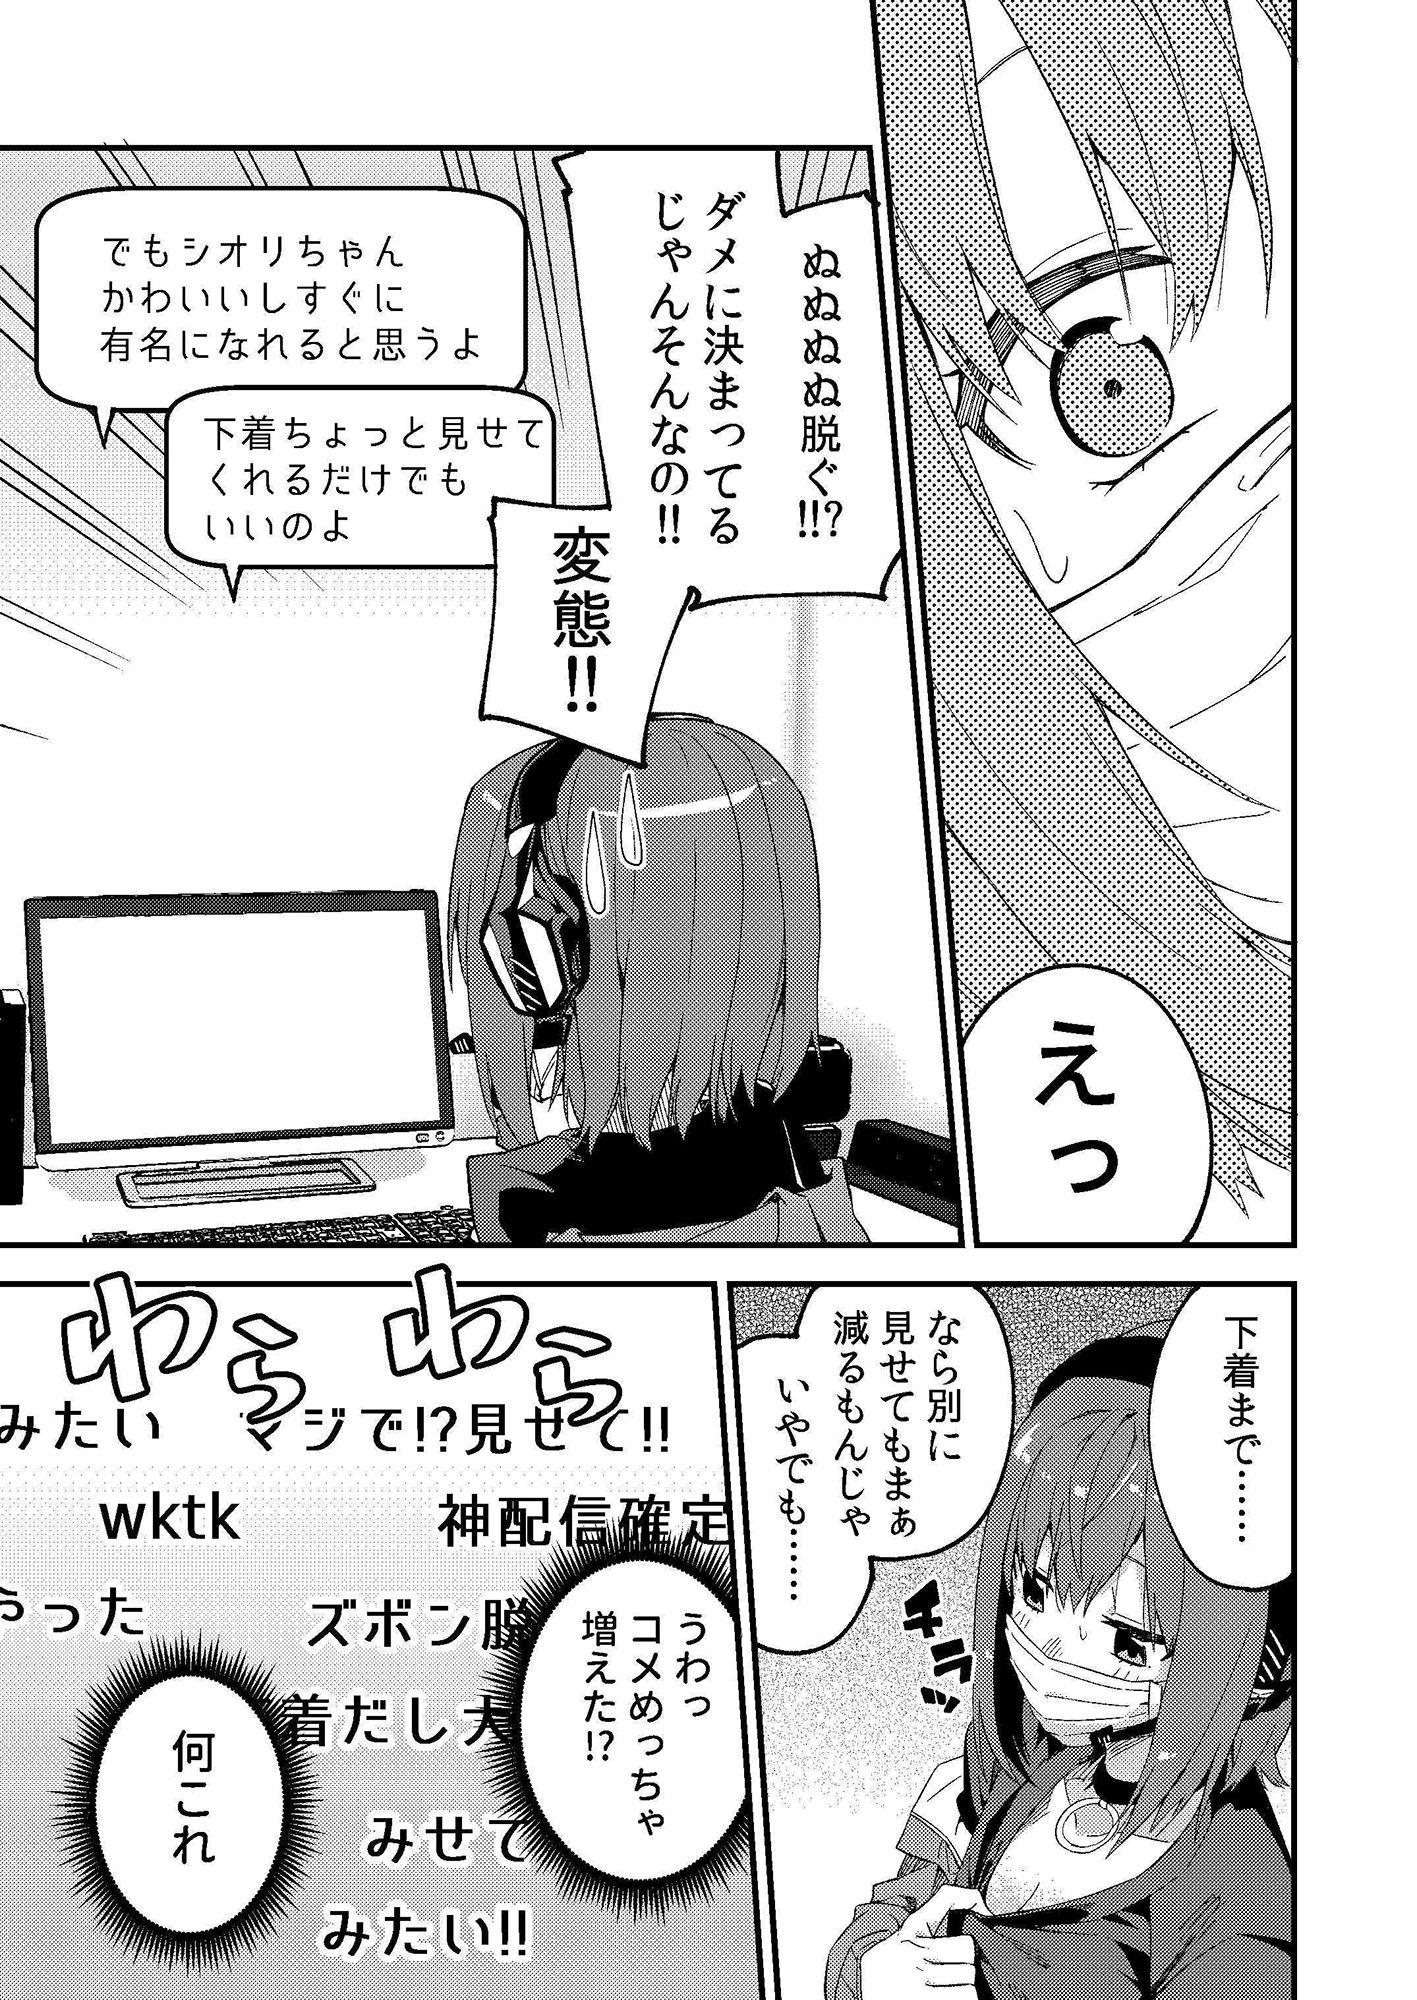 【エロ漫画無料大全集】有名生主になりたい女子大生が視聴者の過激な要求に応える姿がヤバいwww